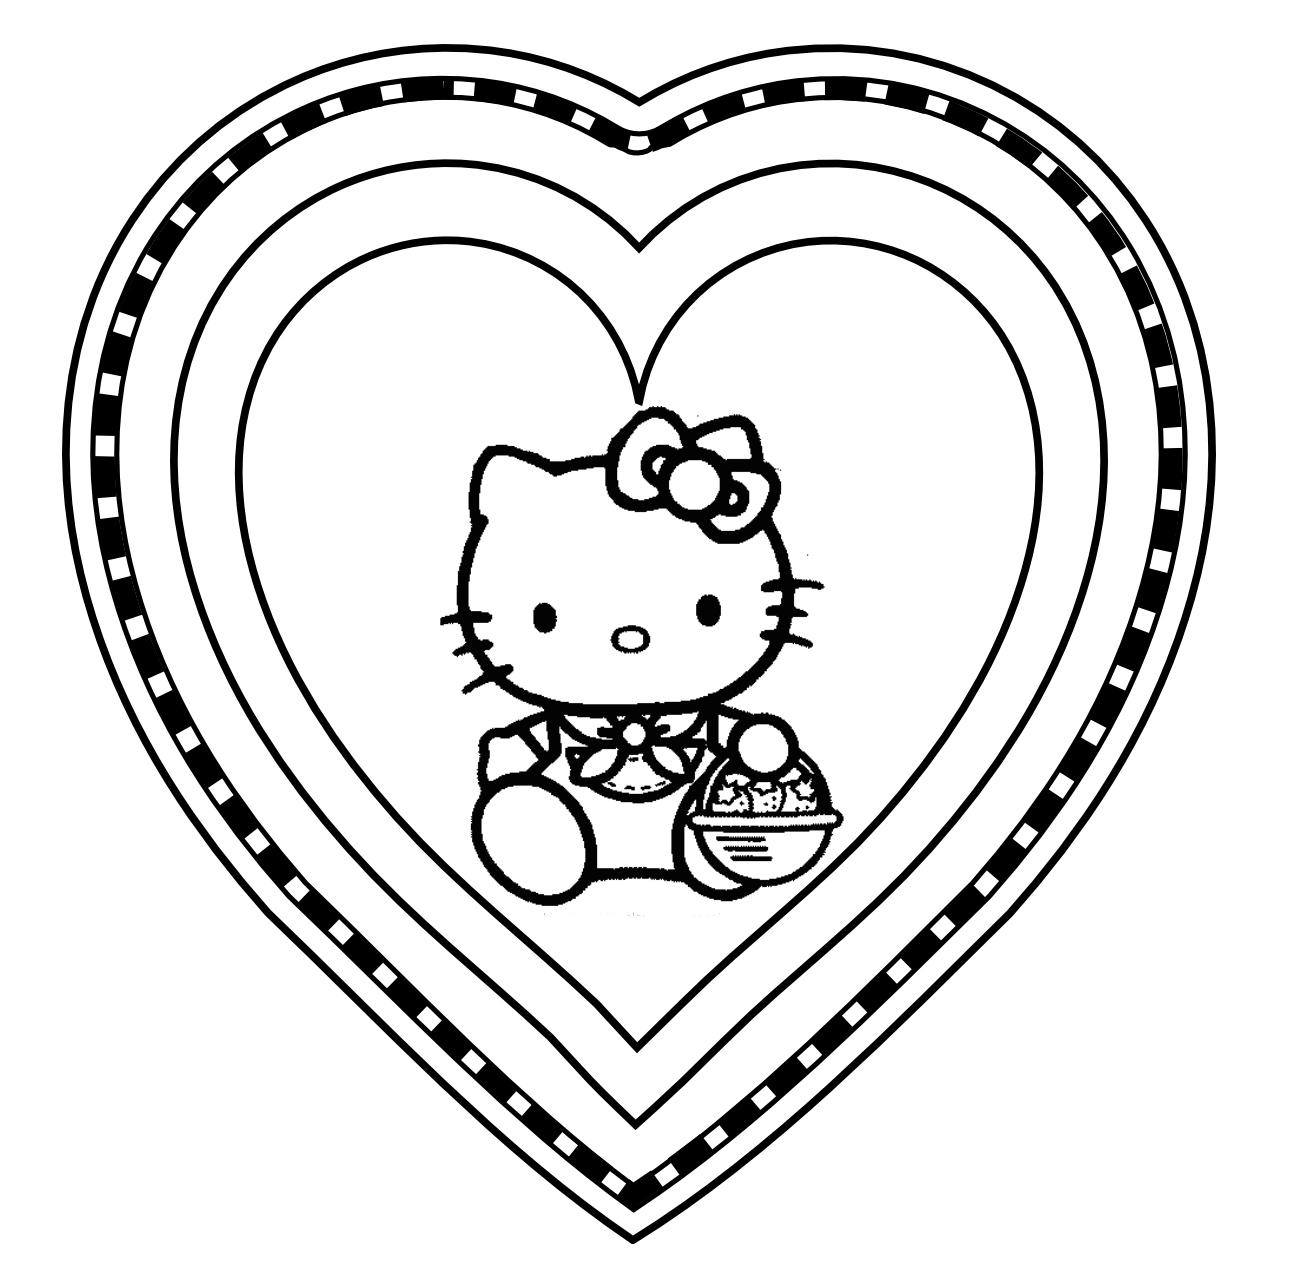 Desenho De Coração De Hello Kitty Para Colorir